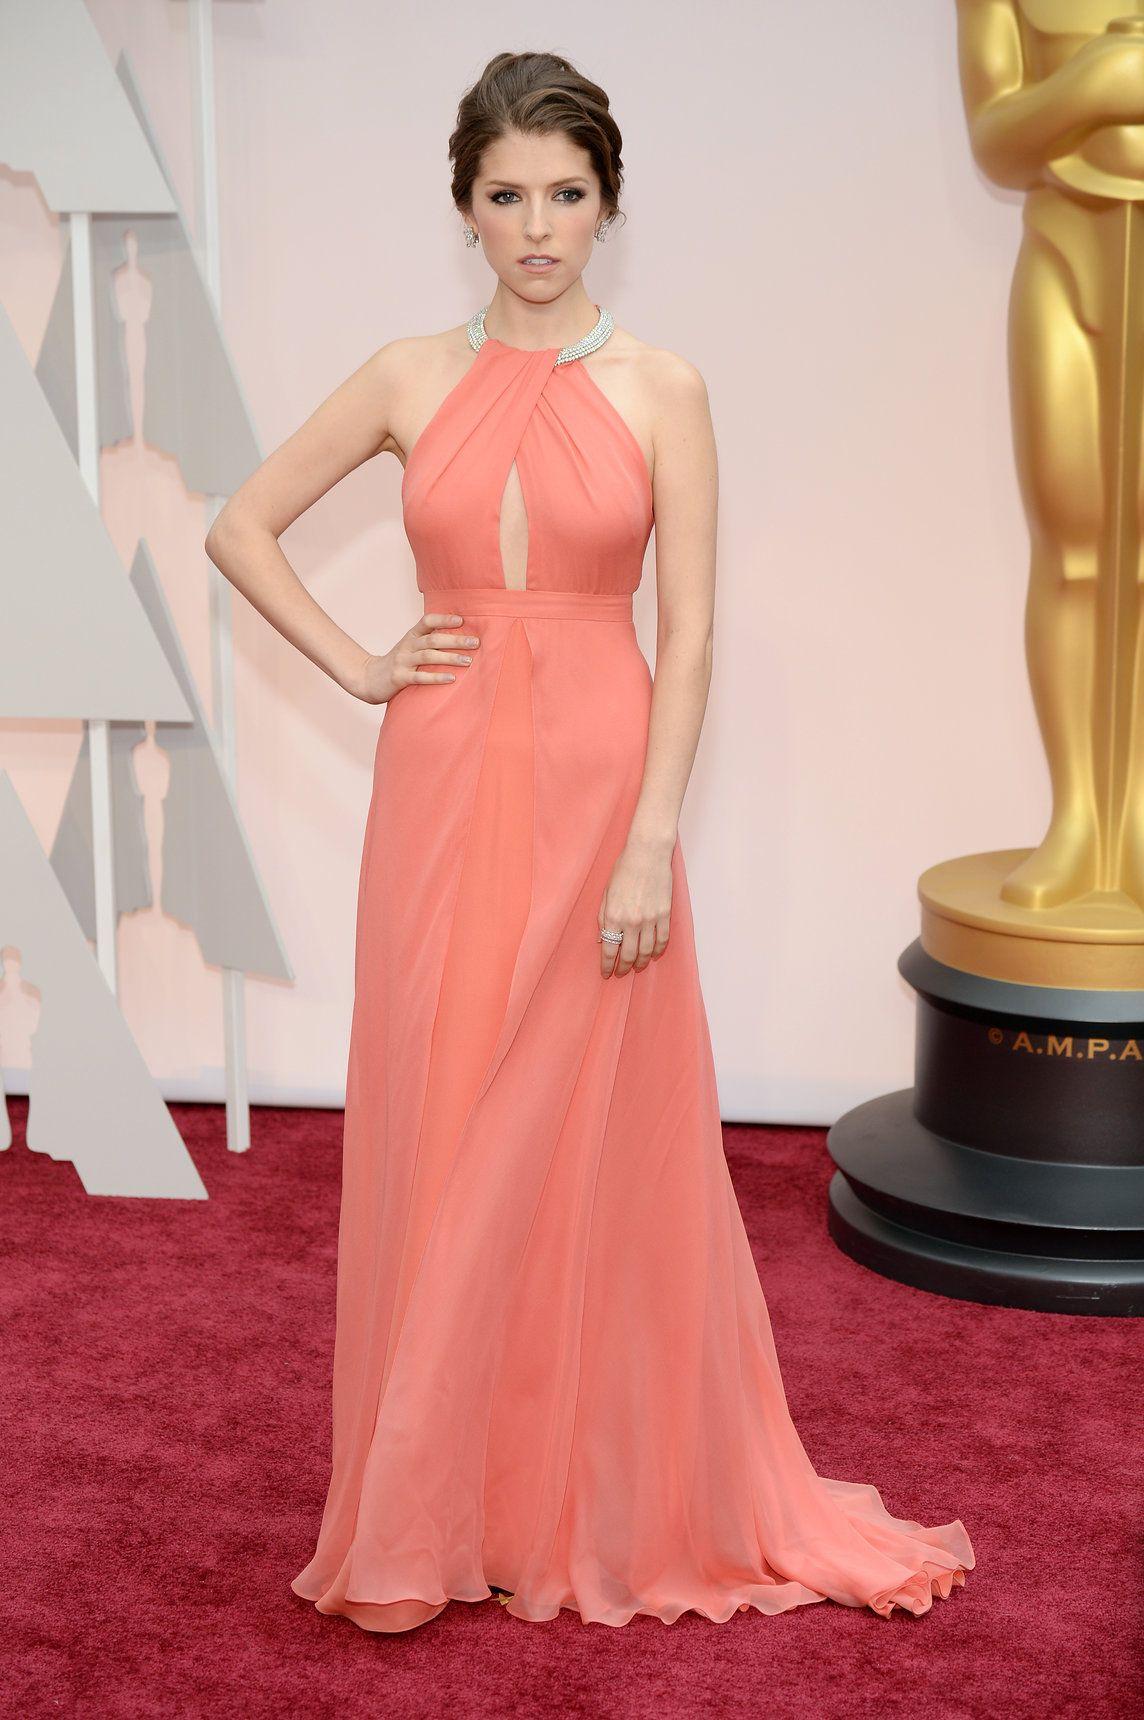 13+ Oscars dress 2015 ideas